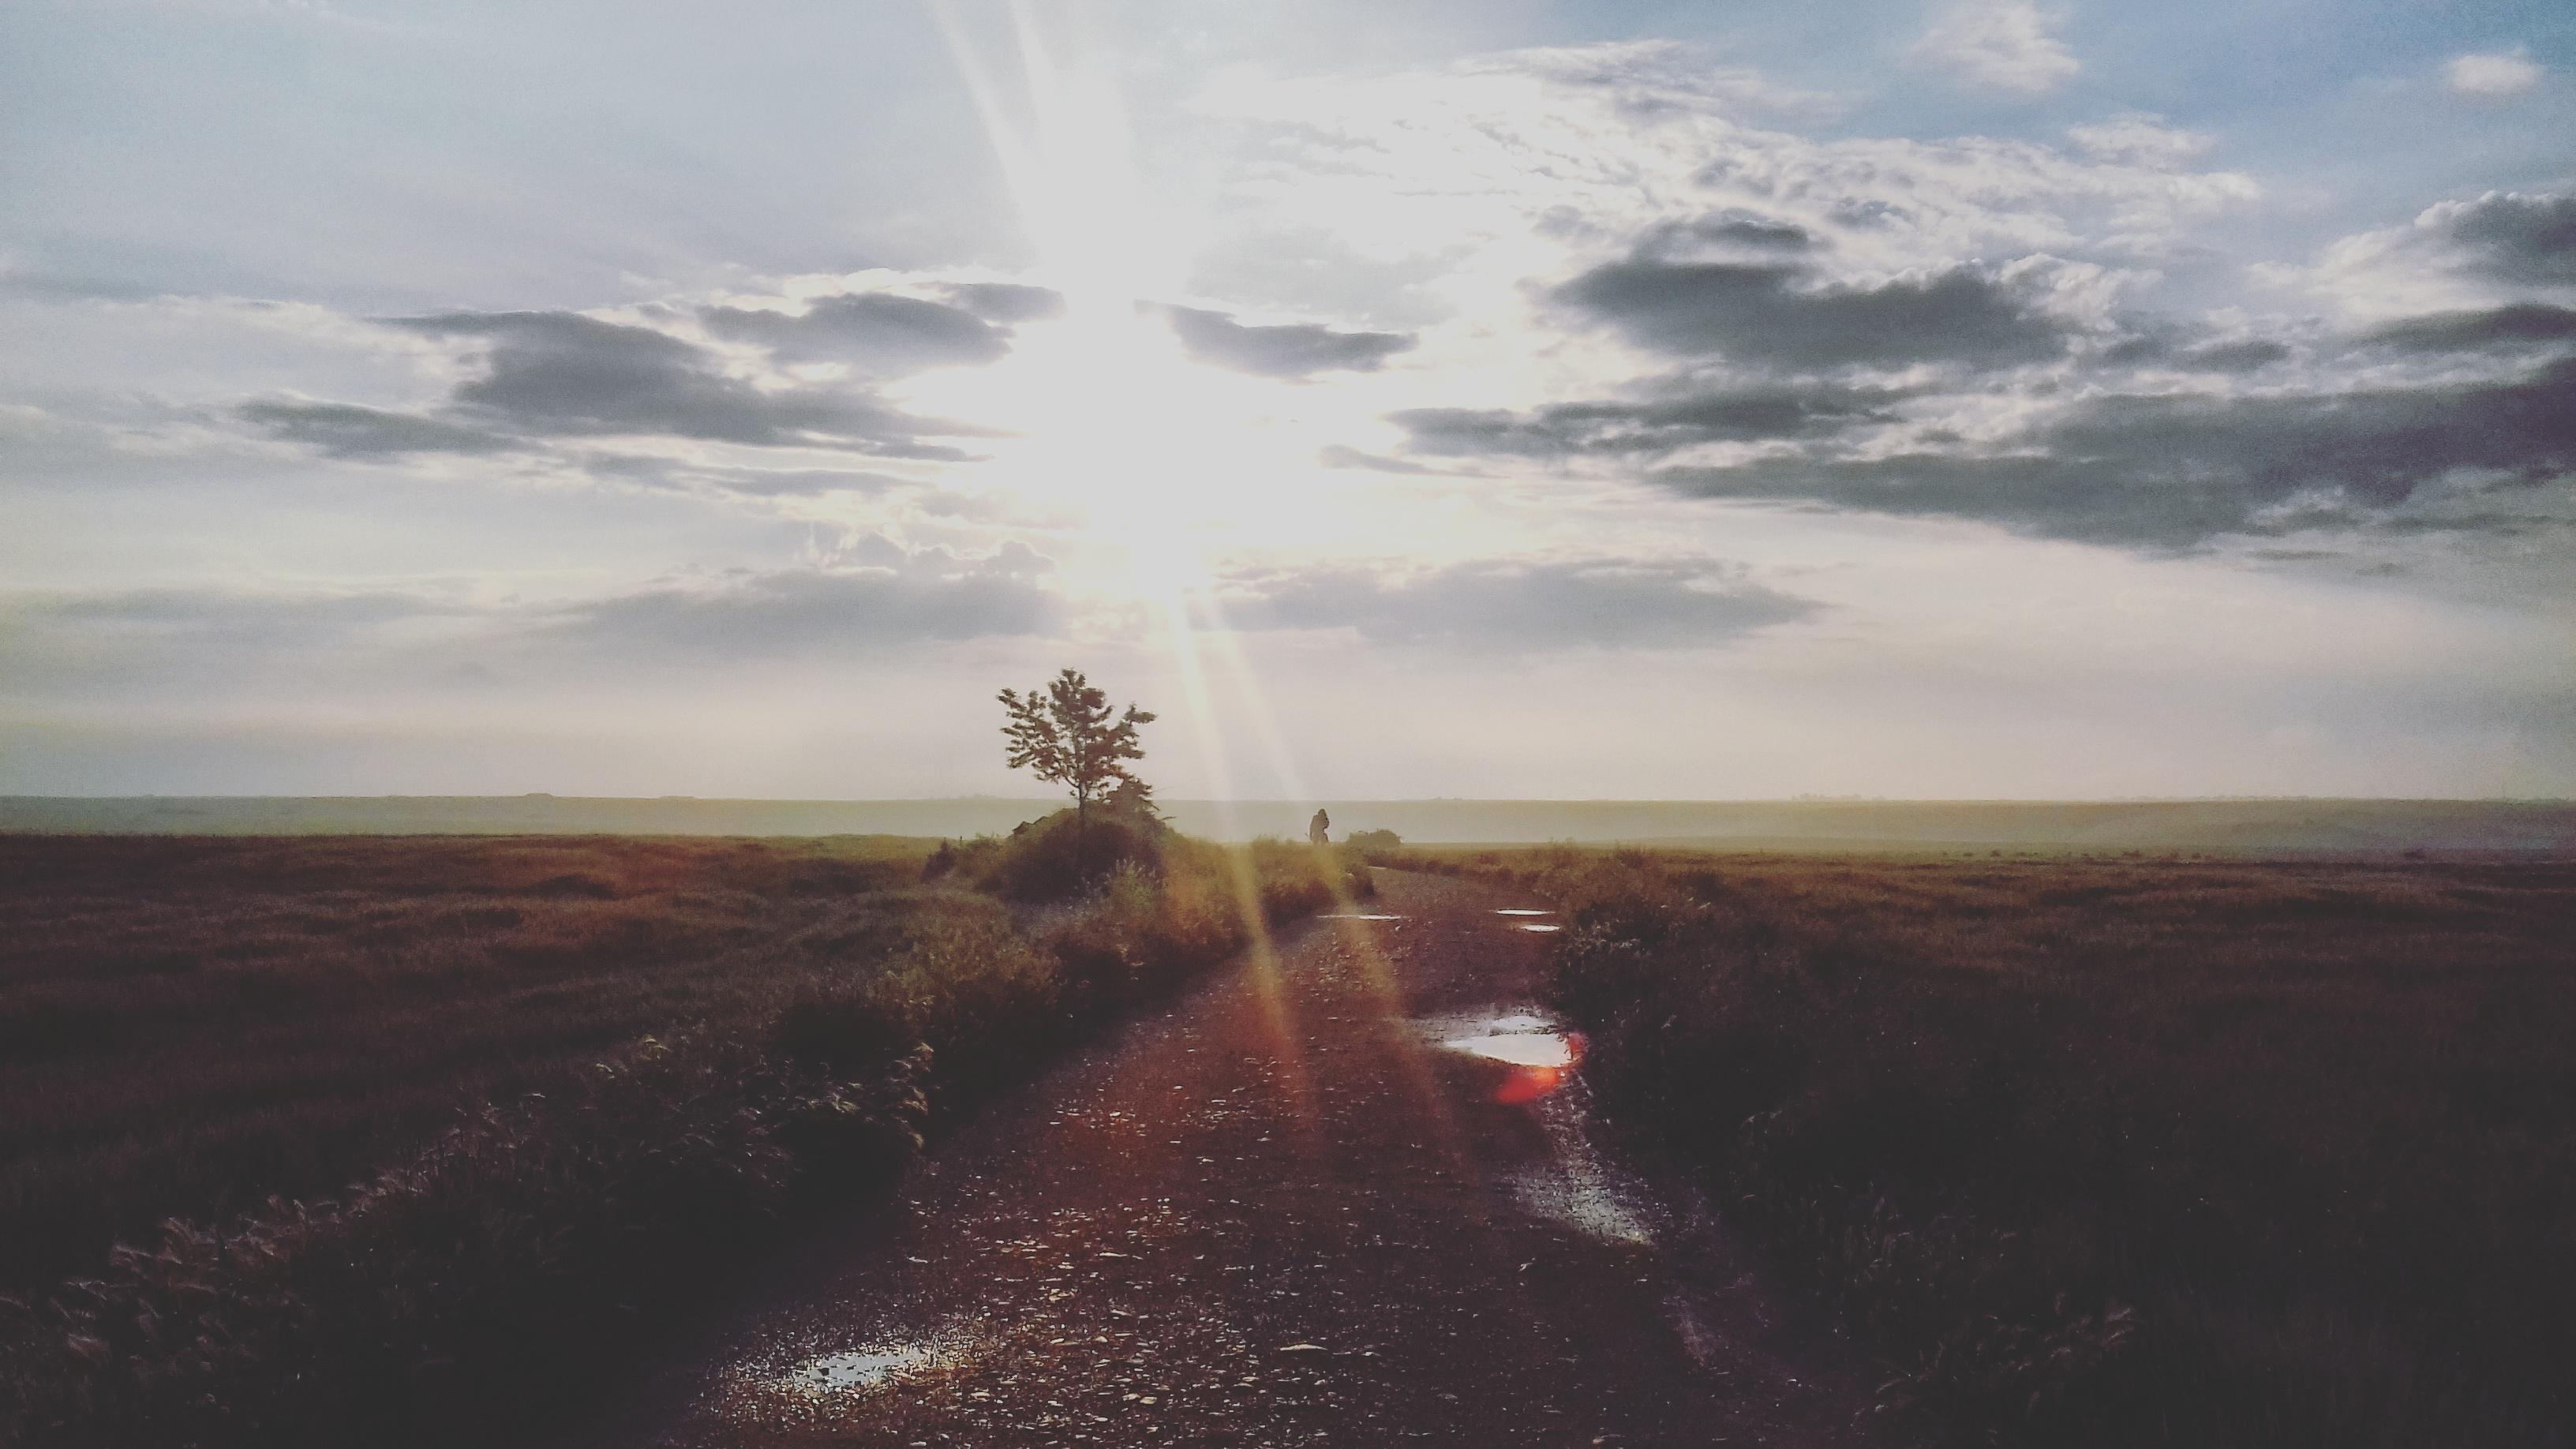 camino-de-santiago-camino-frances-paisaje-castilla-sonsoles-lozano8